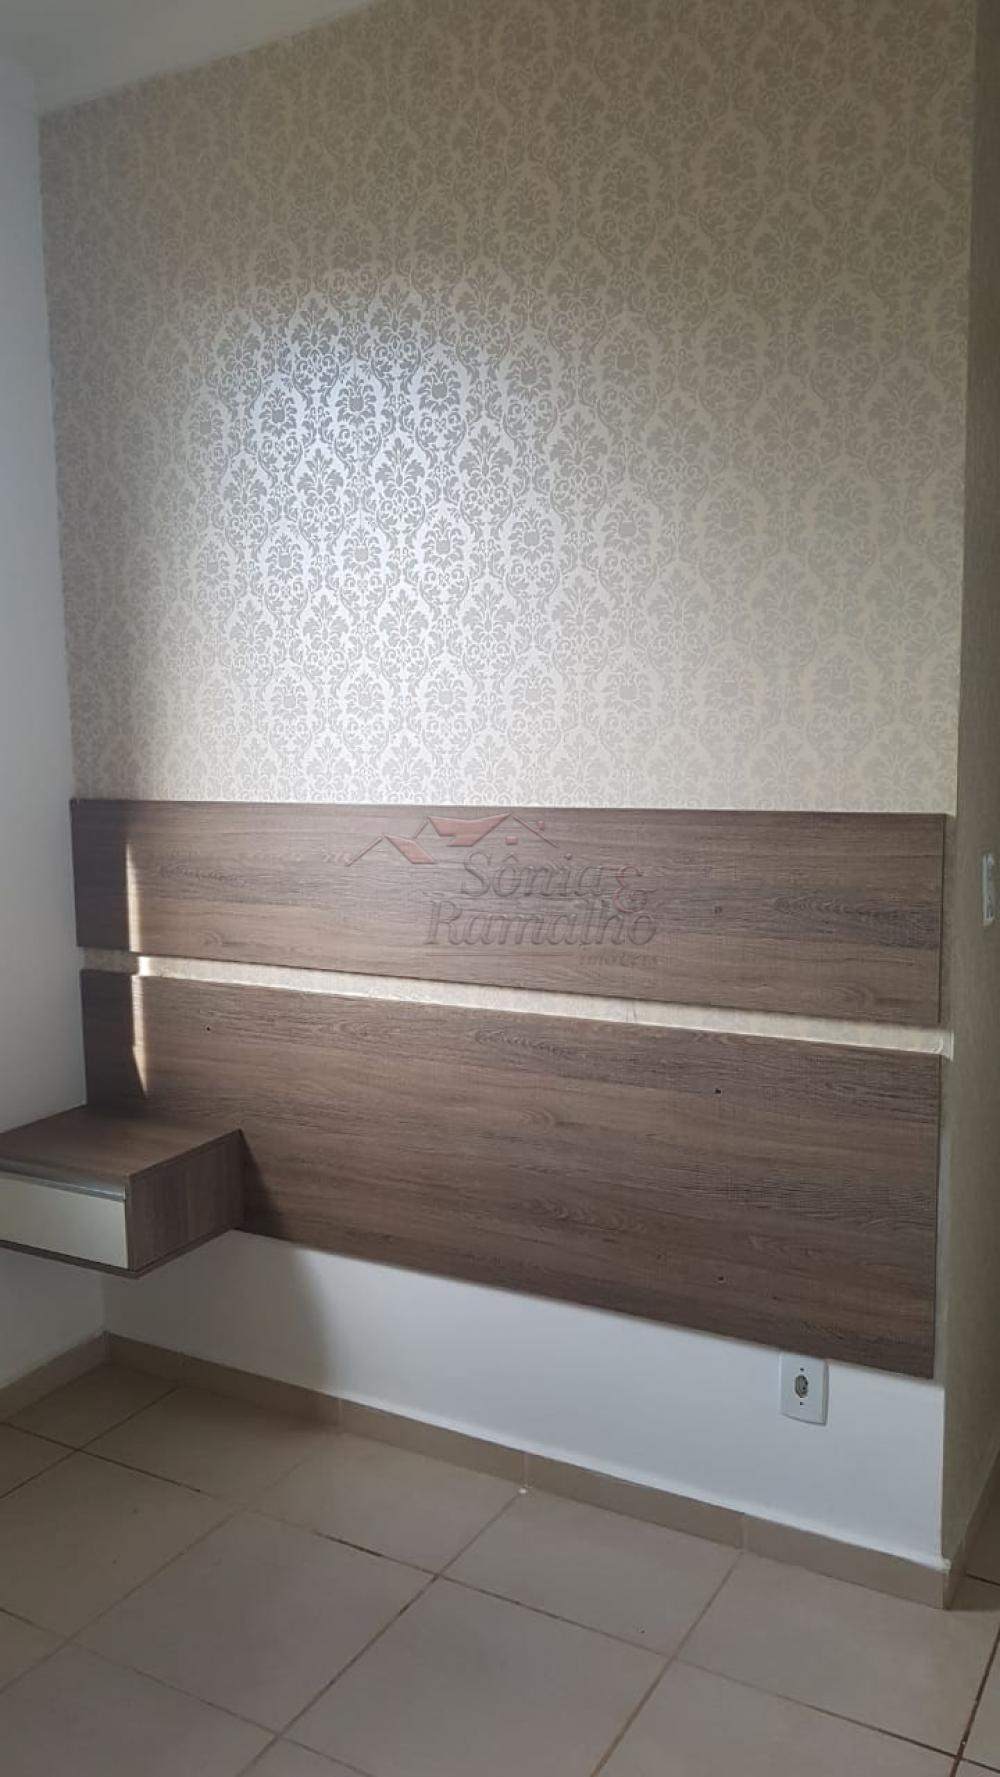 Alugar Apartamentos / Padrão em Ribeirão Preto apenas R$ 1.150,00 - Foto 11